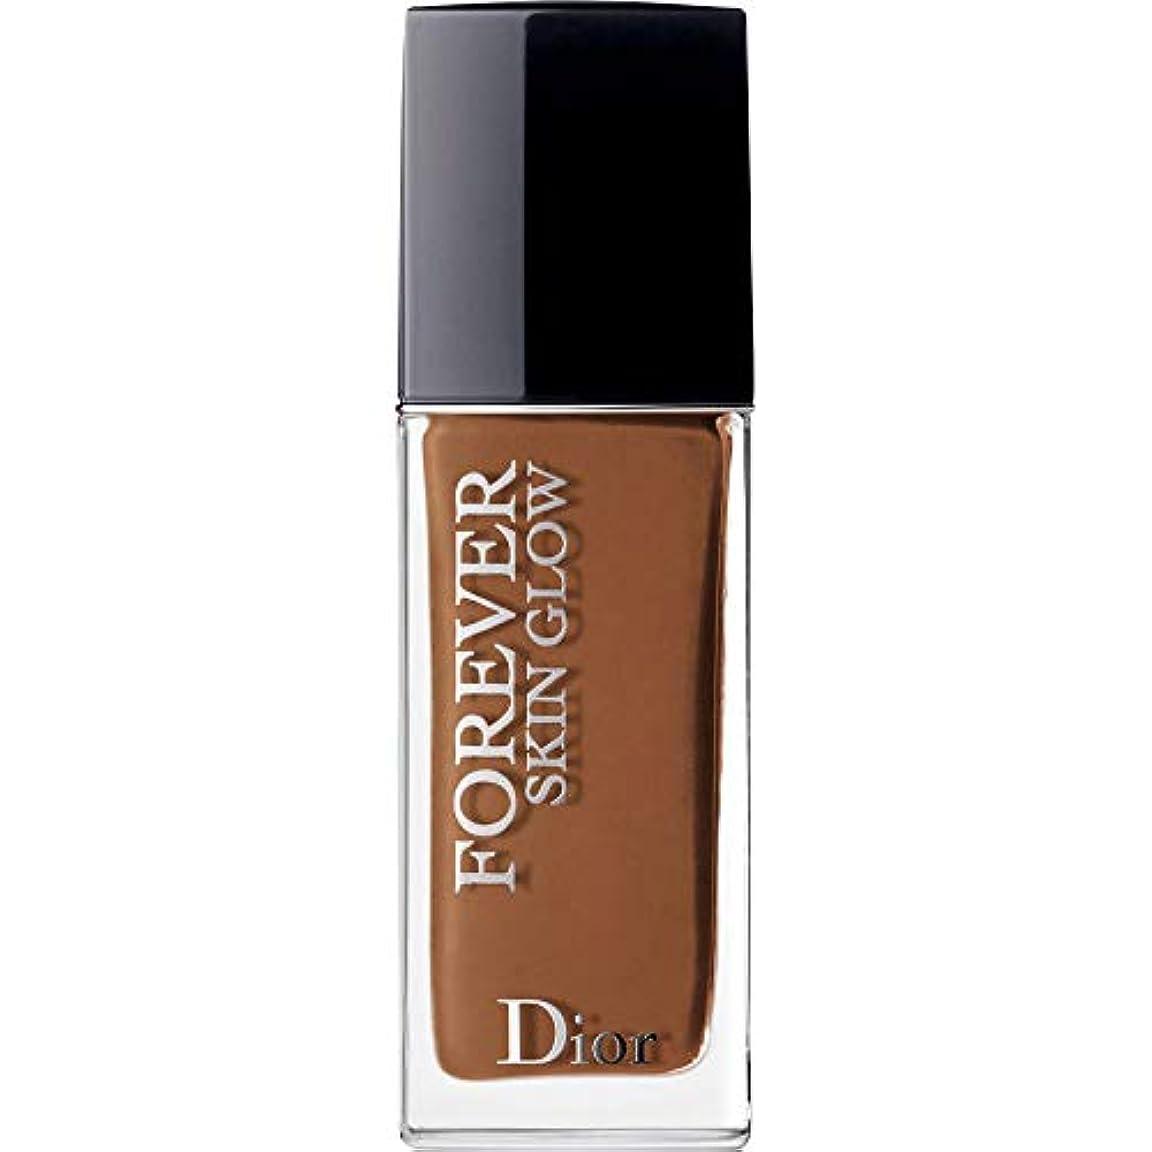 感じる改革散らす[Dior ] ディオール永遠に皮膚グロー皮膚思いやりの基礎Spf35 30ミリリットルの8N - ニュートラル(肌の輝き) - DIOR Forever Skin Glow Skin-Caring Foundation...